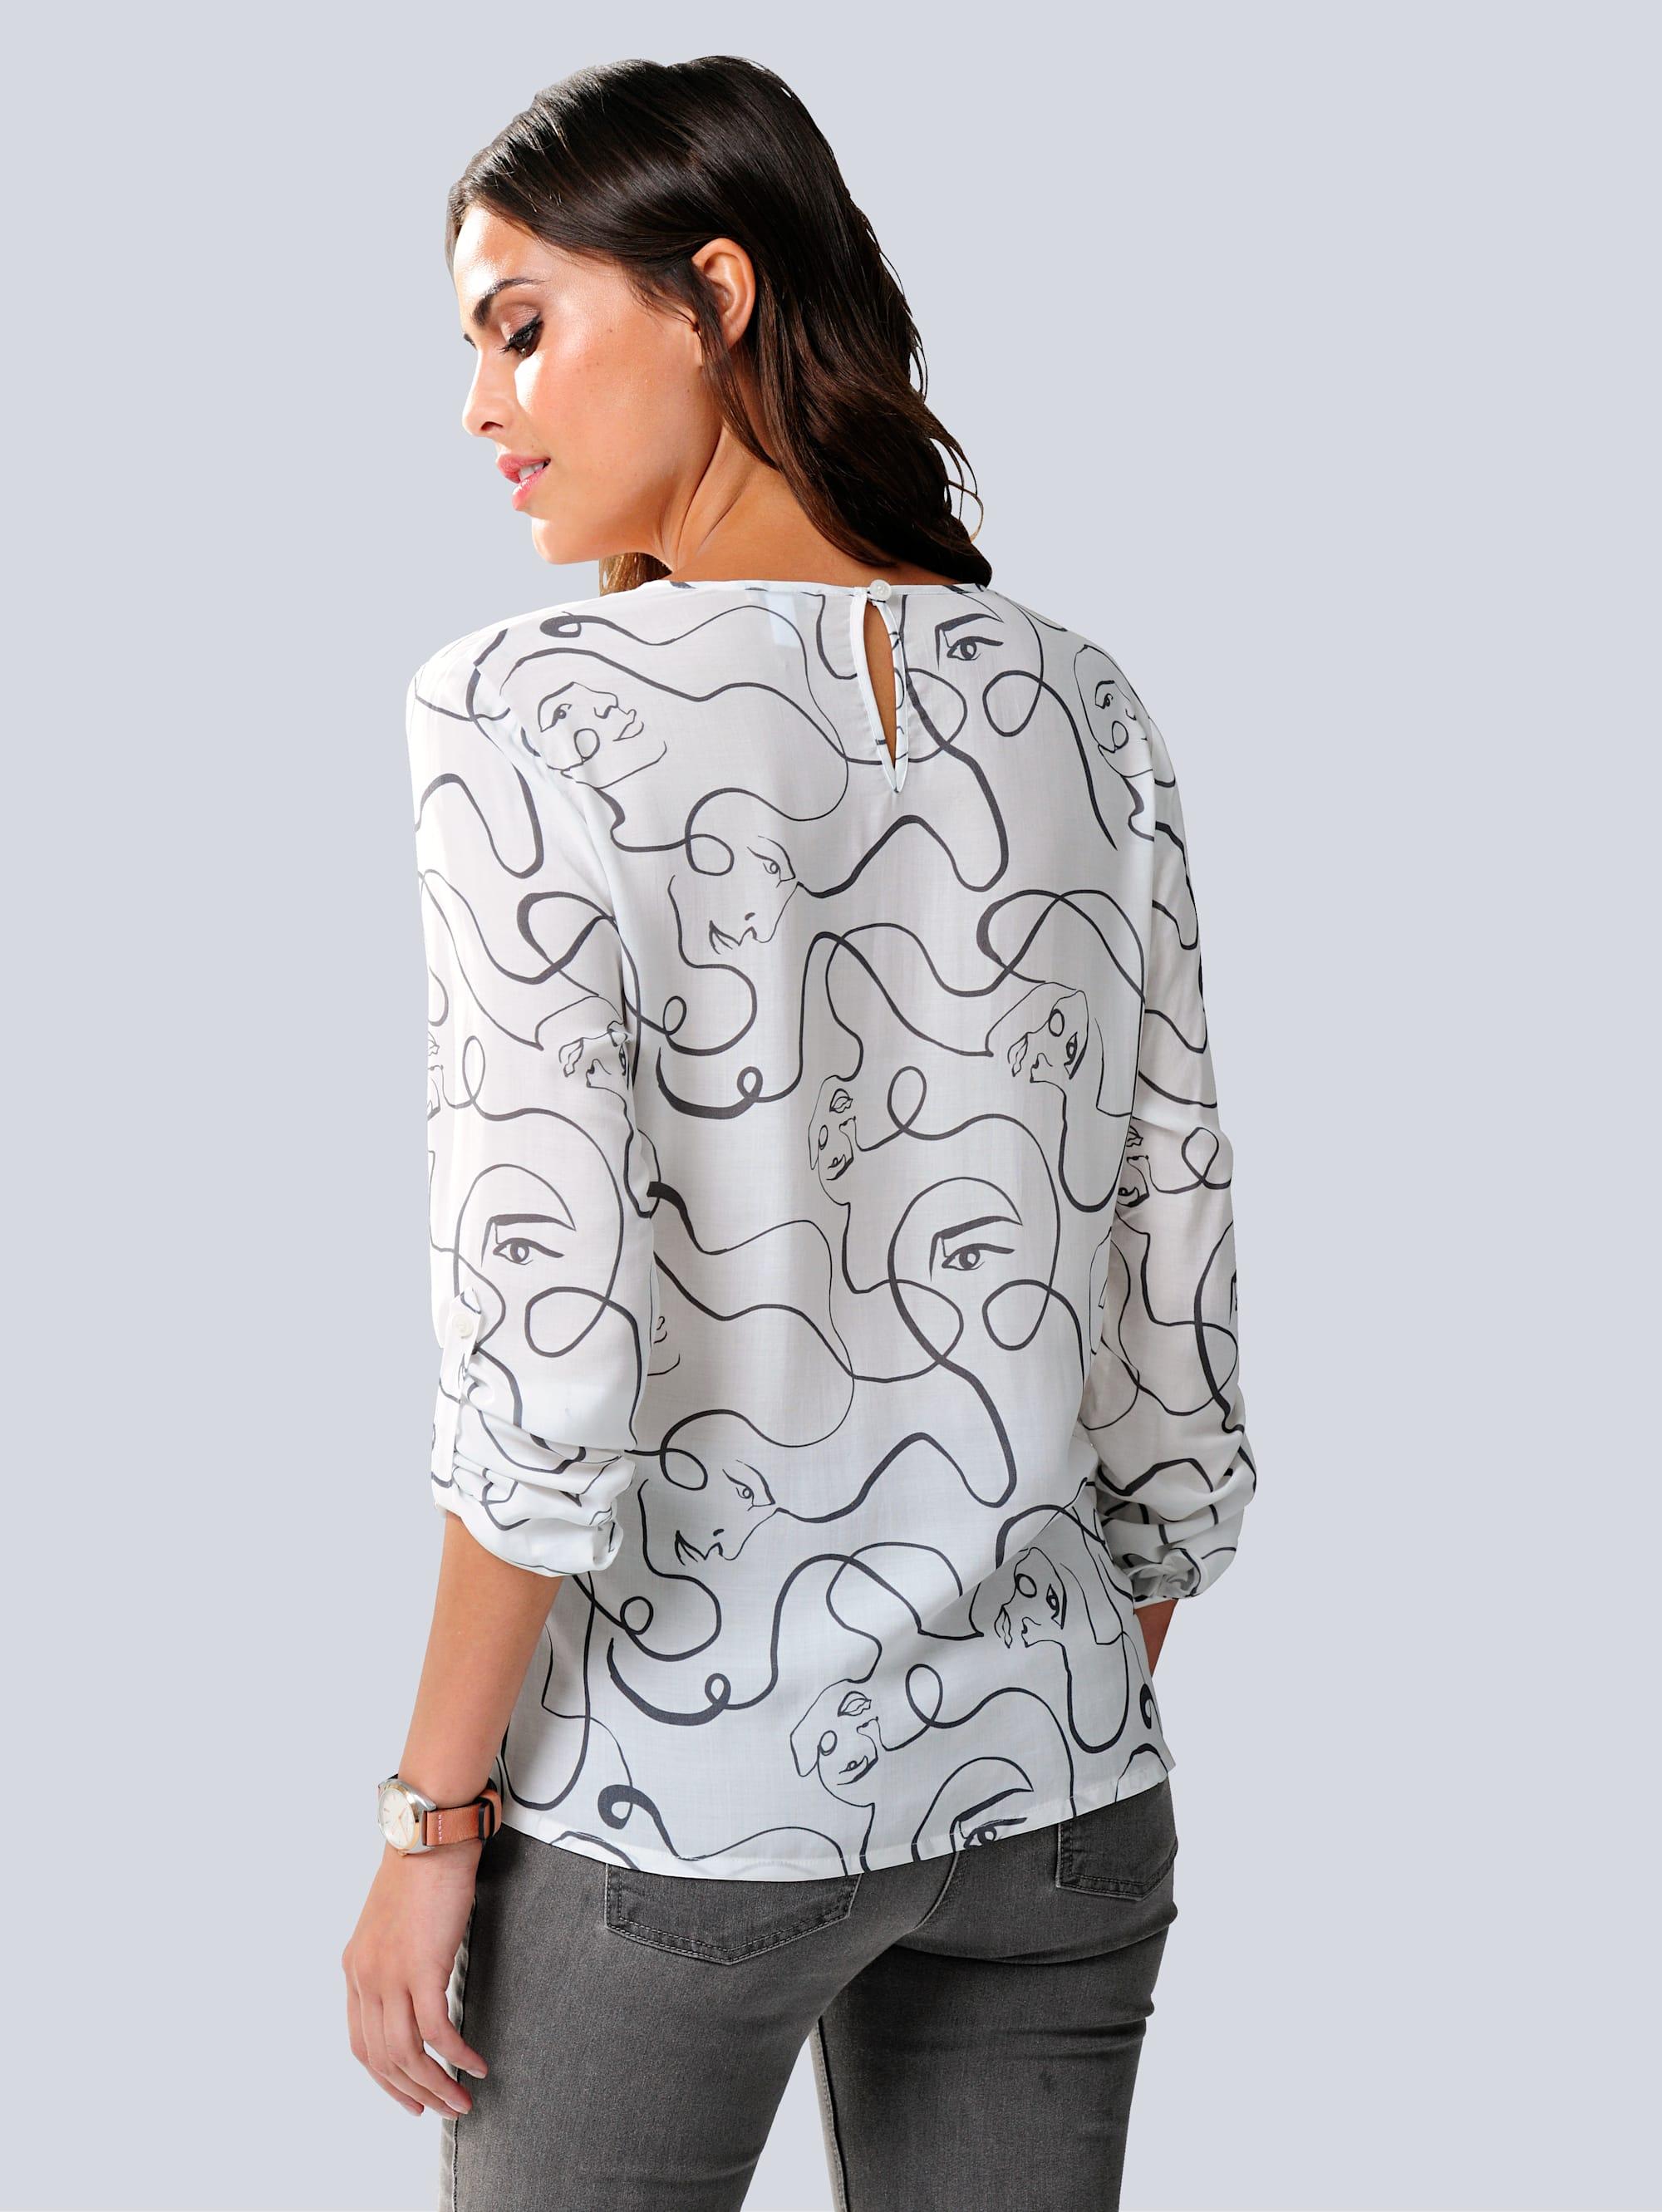 Alba Moda Bluse in Off-white,Grau günstig kaufen